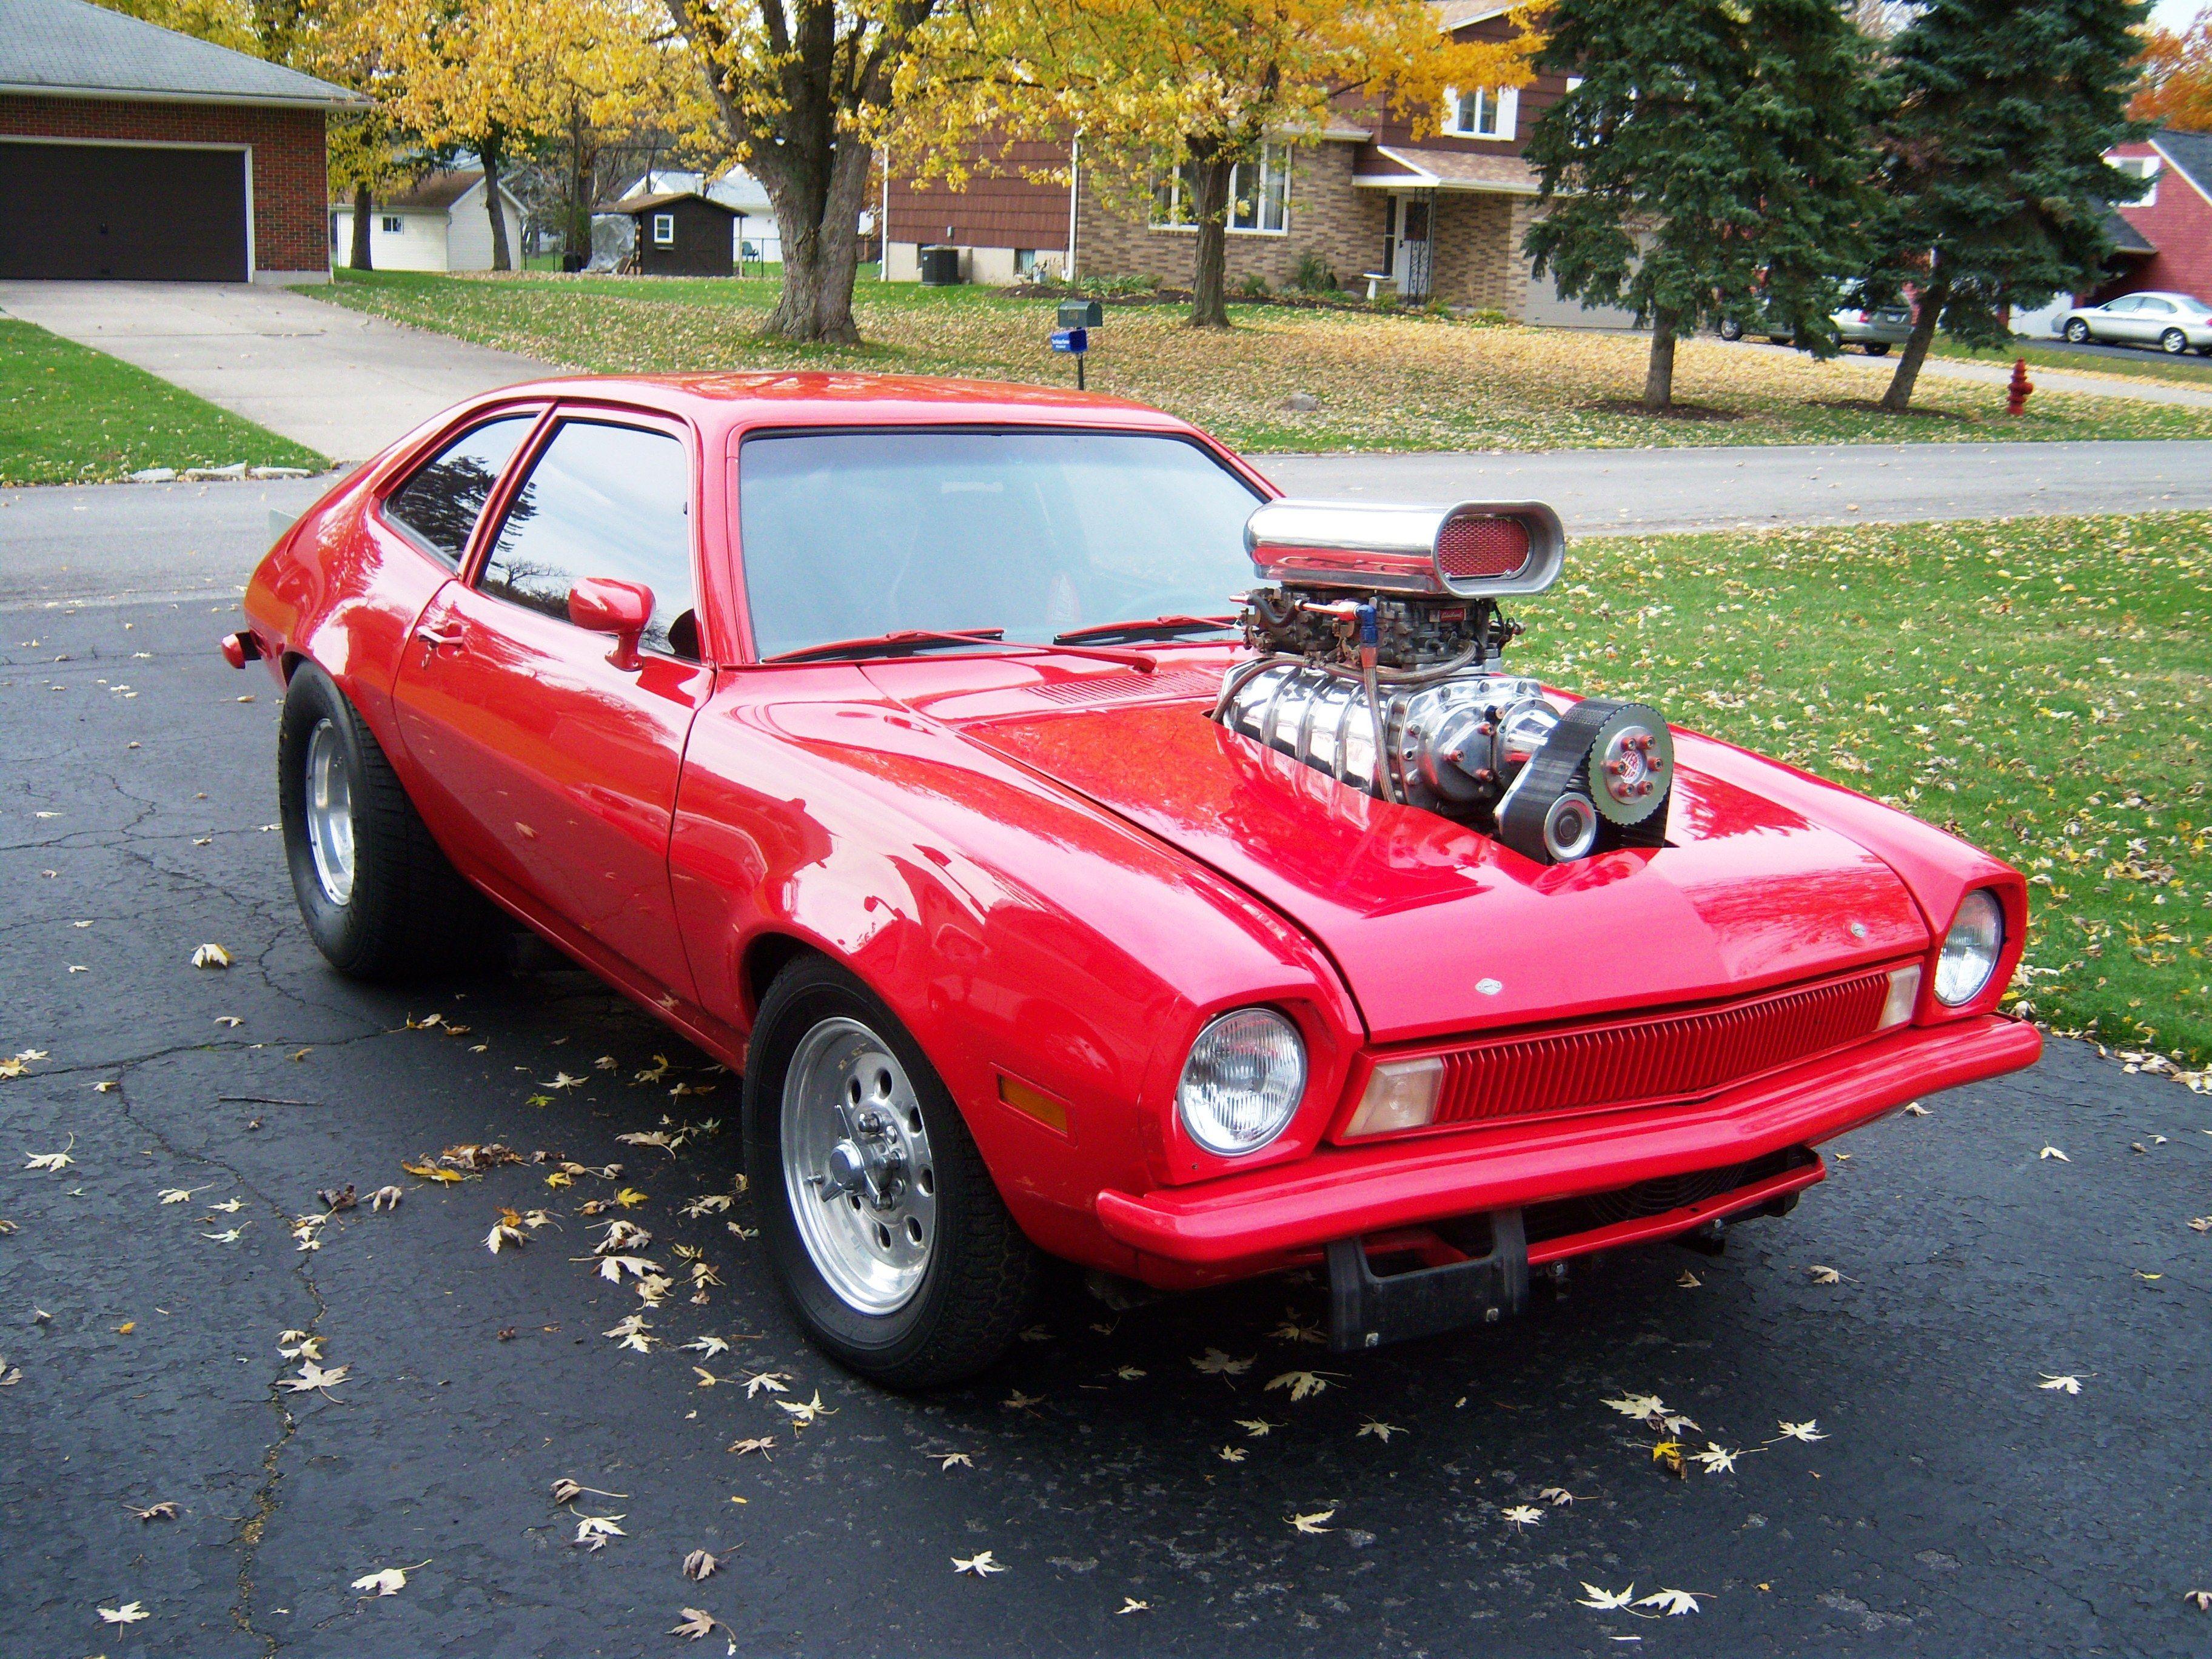 Ford Pinto drag Car //.facebook.com/CarsThatTurnMeOn & Ford Pinto drag Car https://www.facebook.com/CarsThatTurnMeOn ... markmcfarlin.com